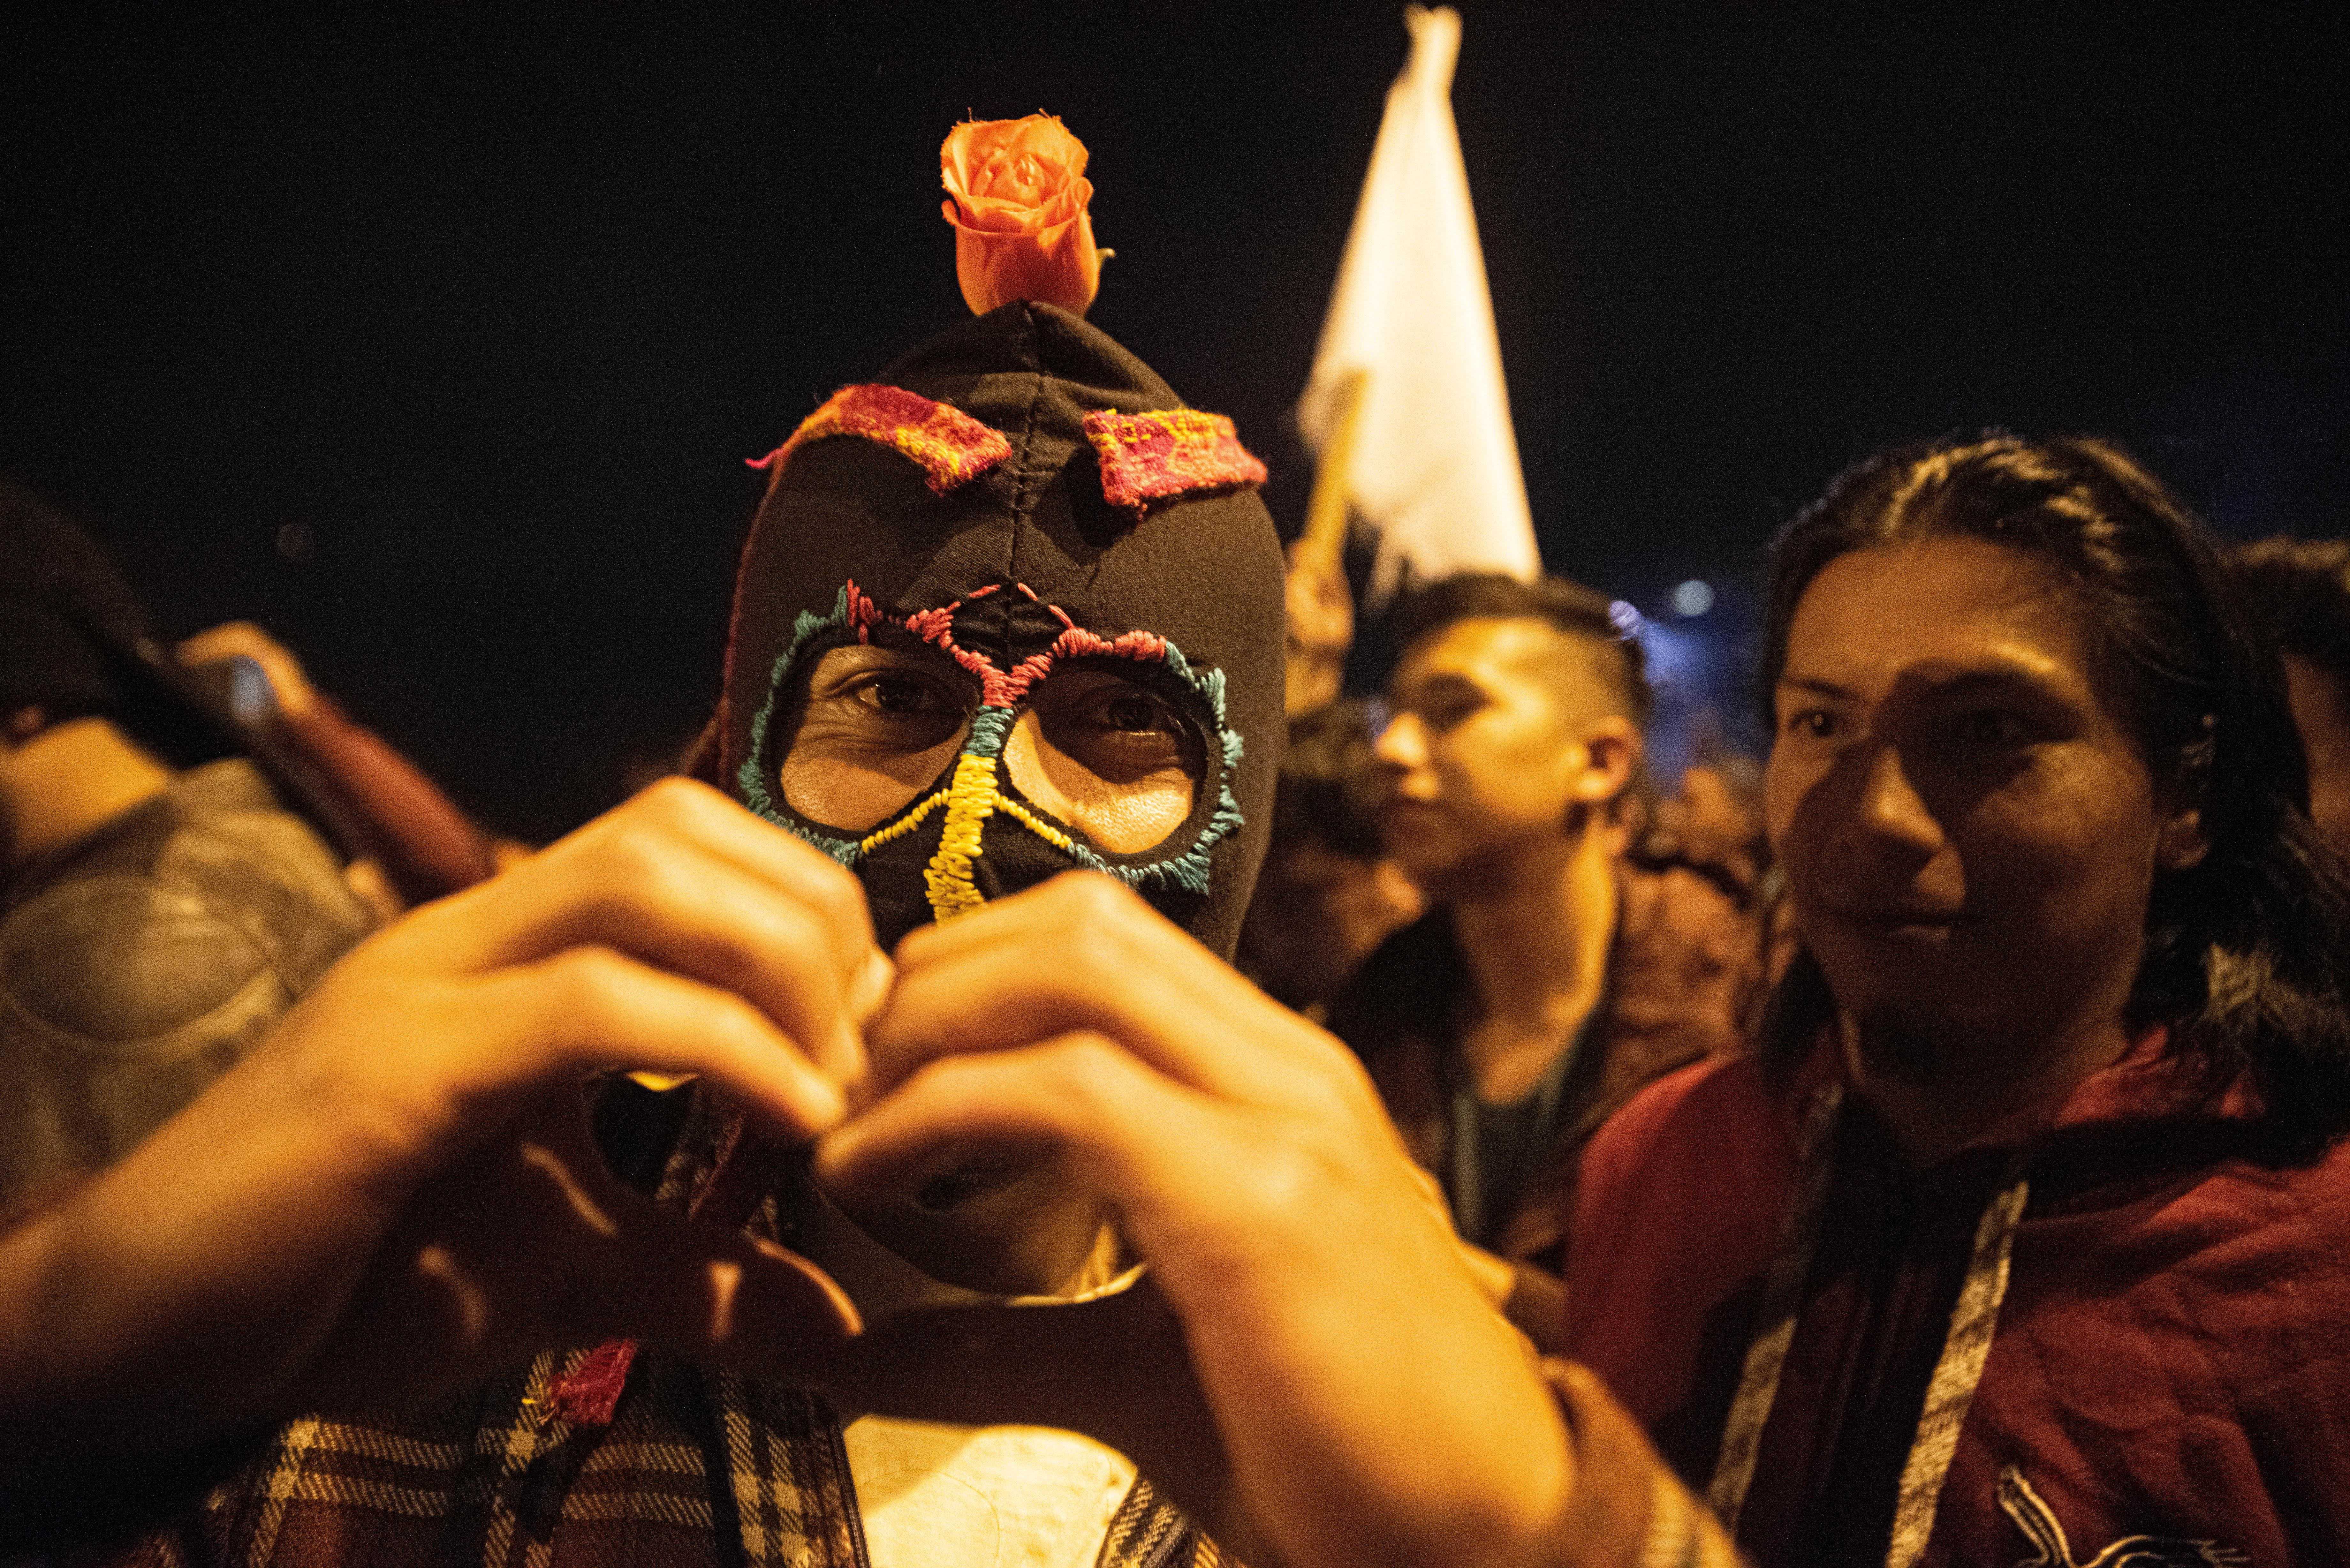 Un hombre con una mascara en los festejos del domingo por la noche hace una forma de corazón. Los manifestantes pedían